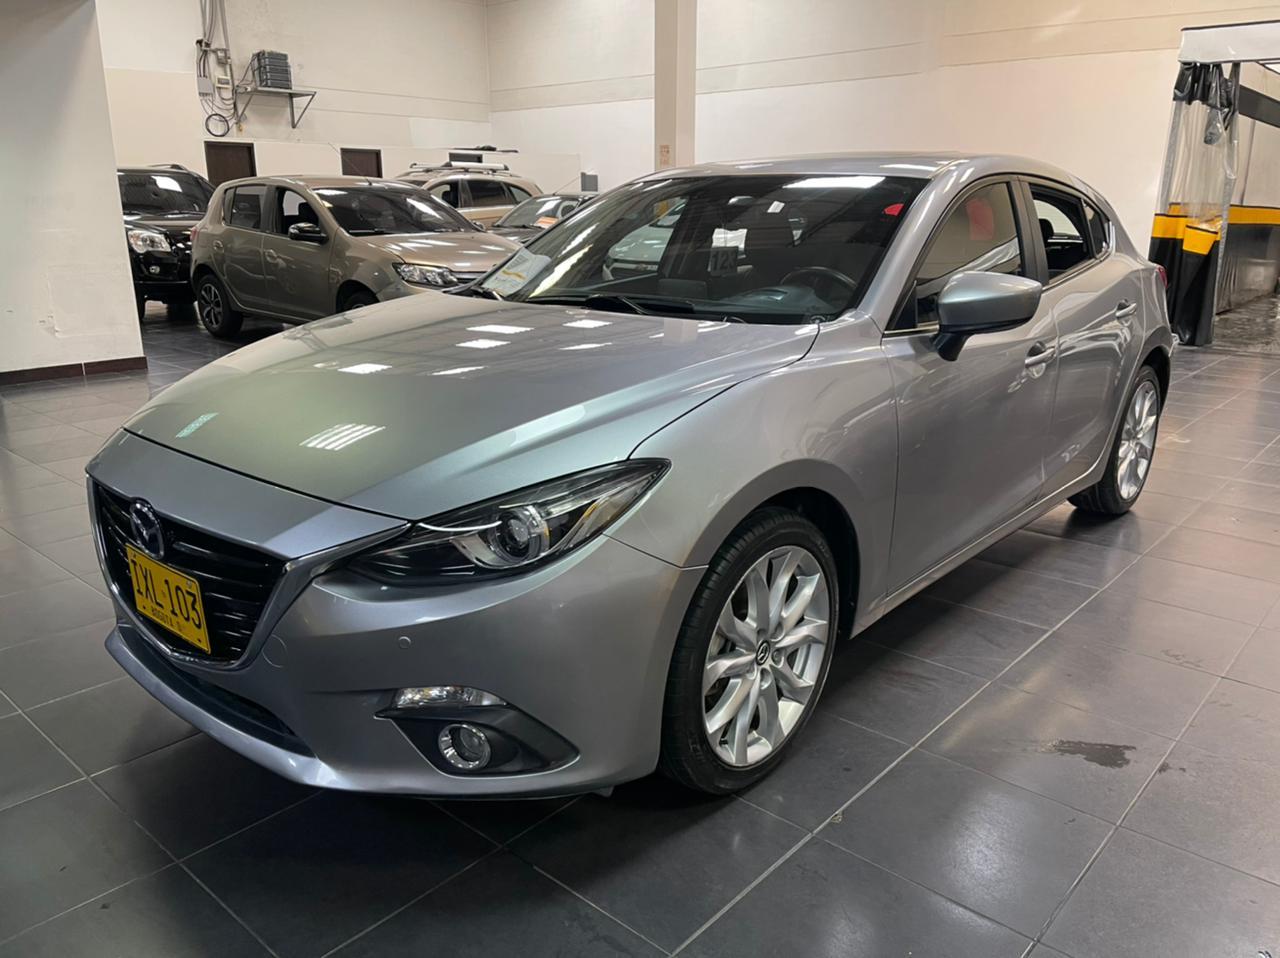 Mazda-3-Grand-Touring-01439787-1